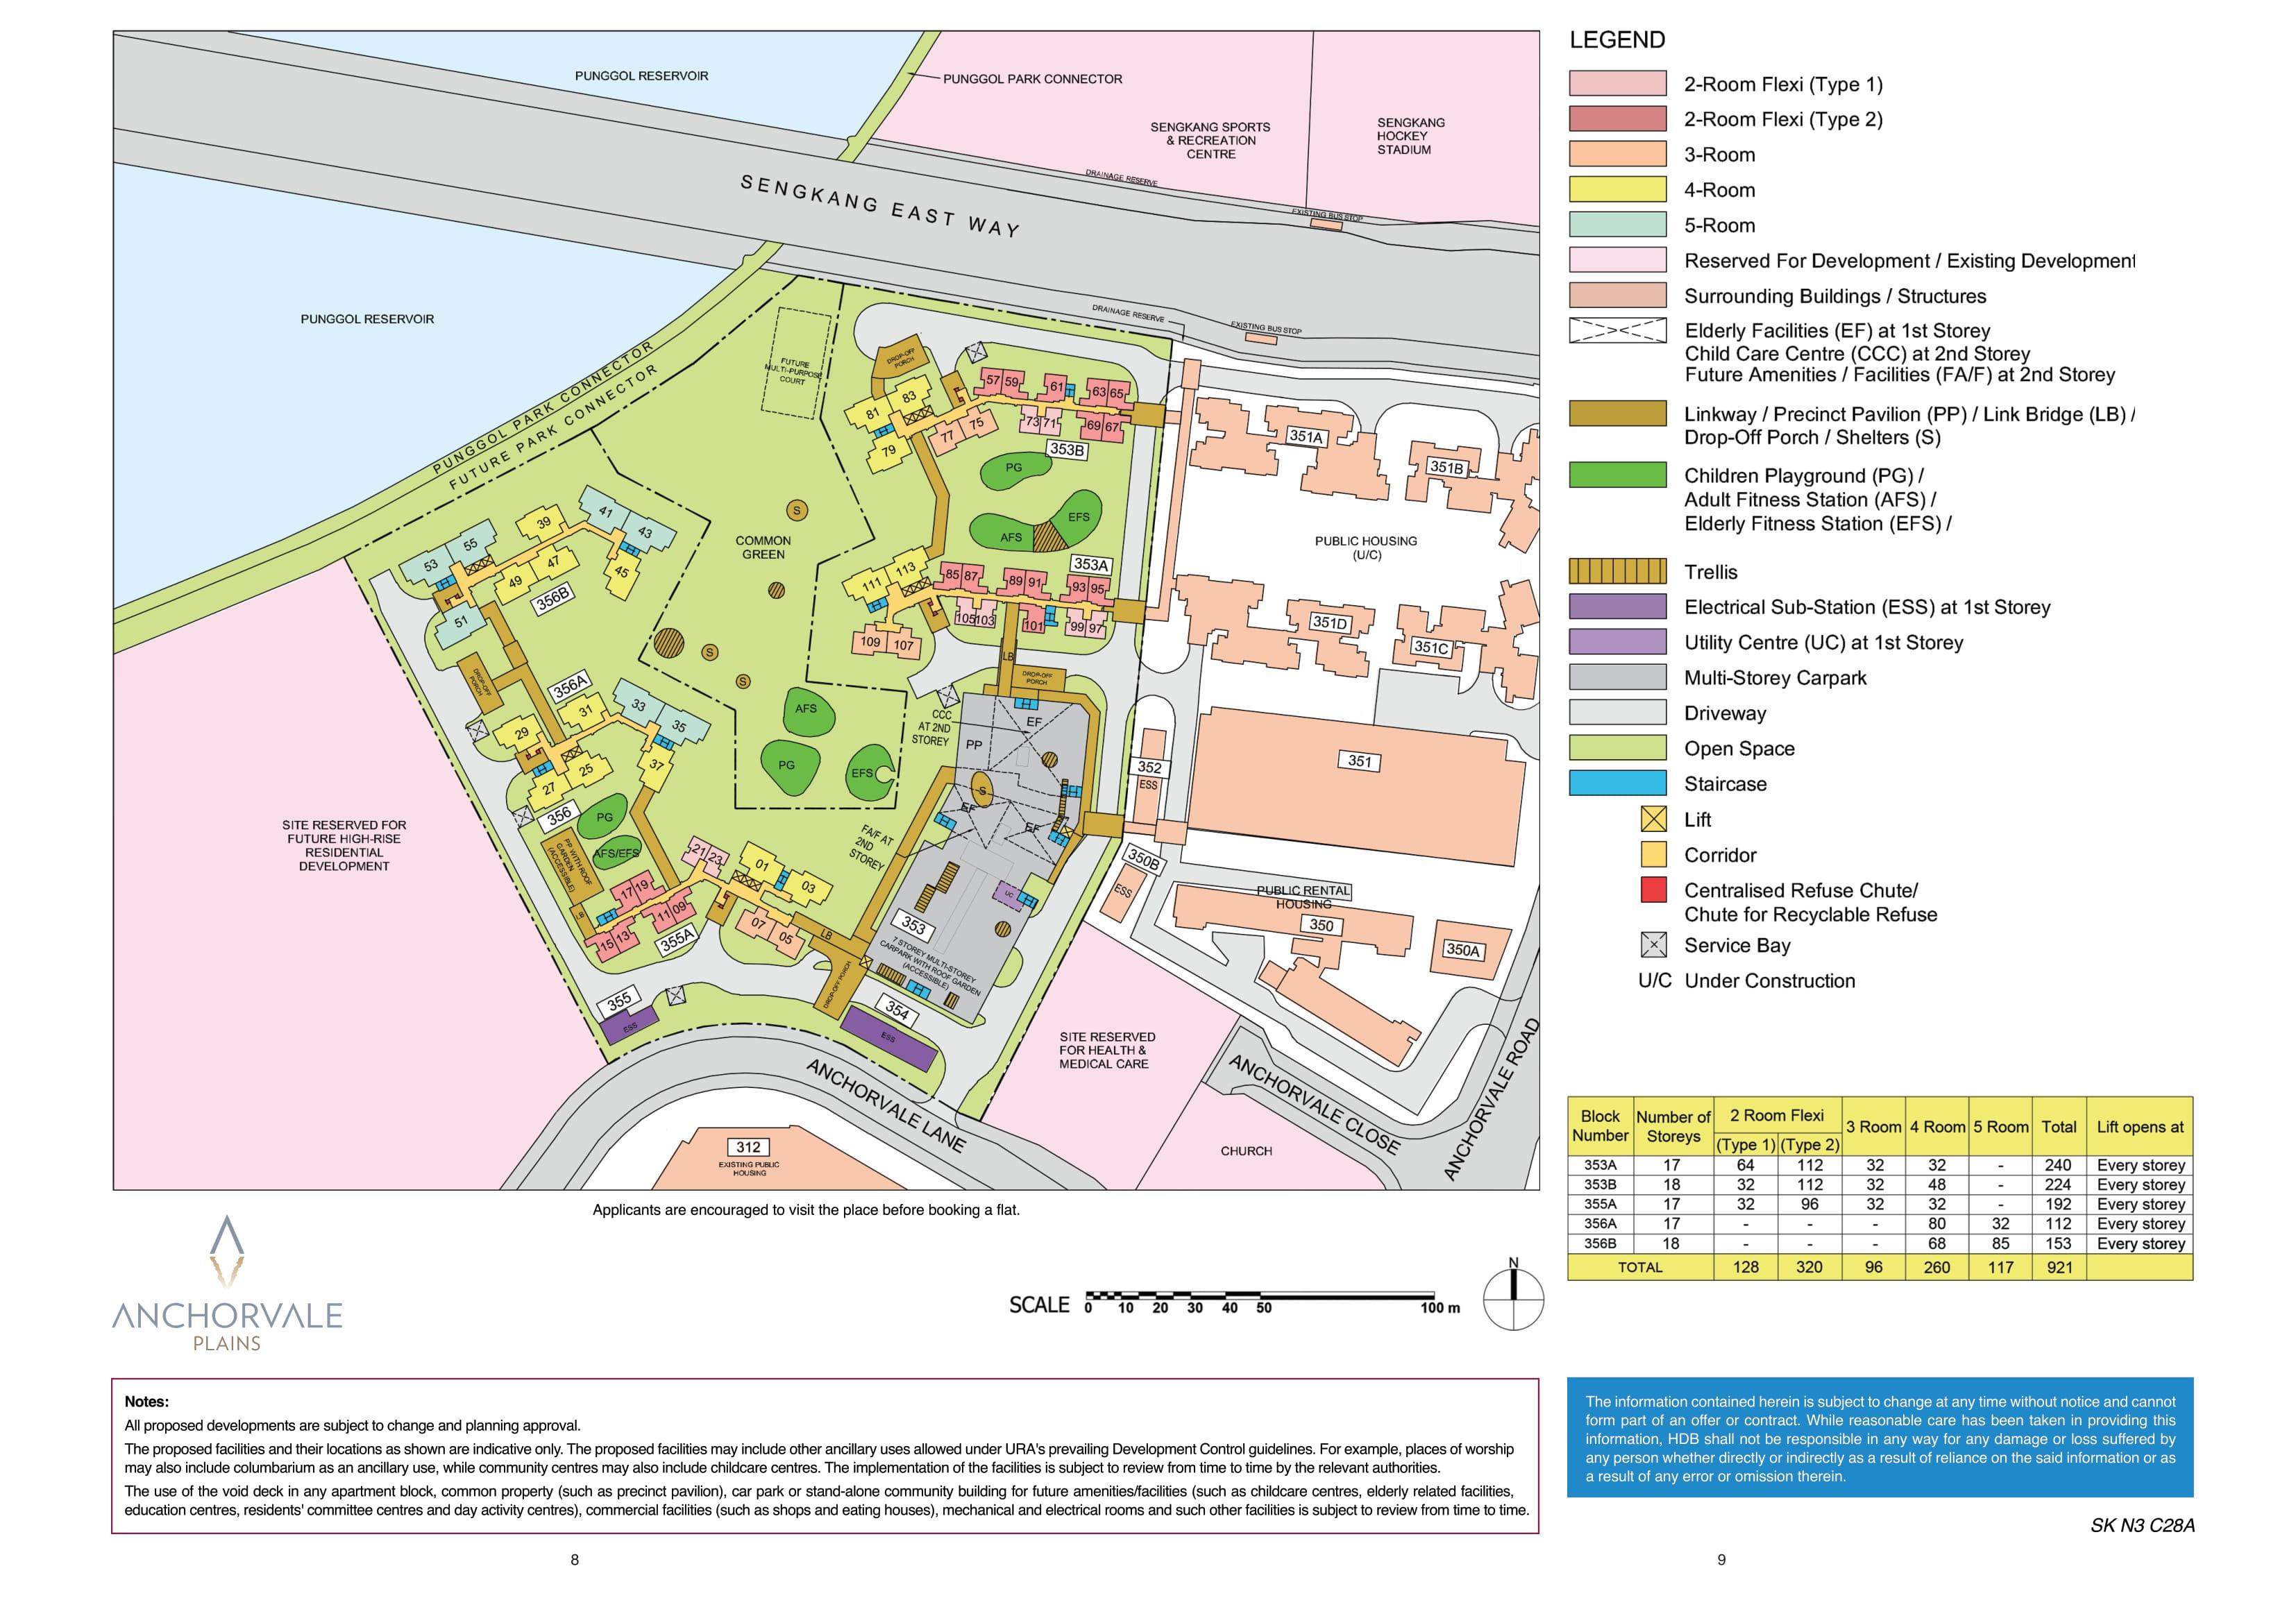 Anchorvale Plains Site Plan